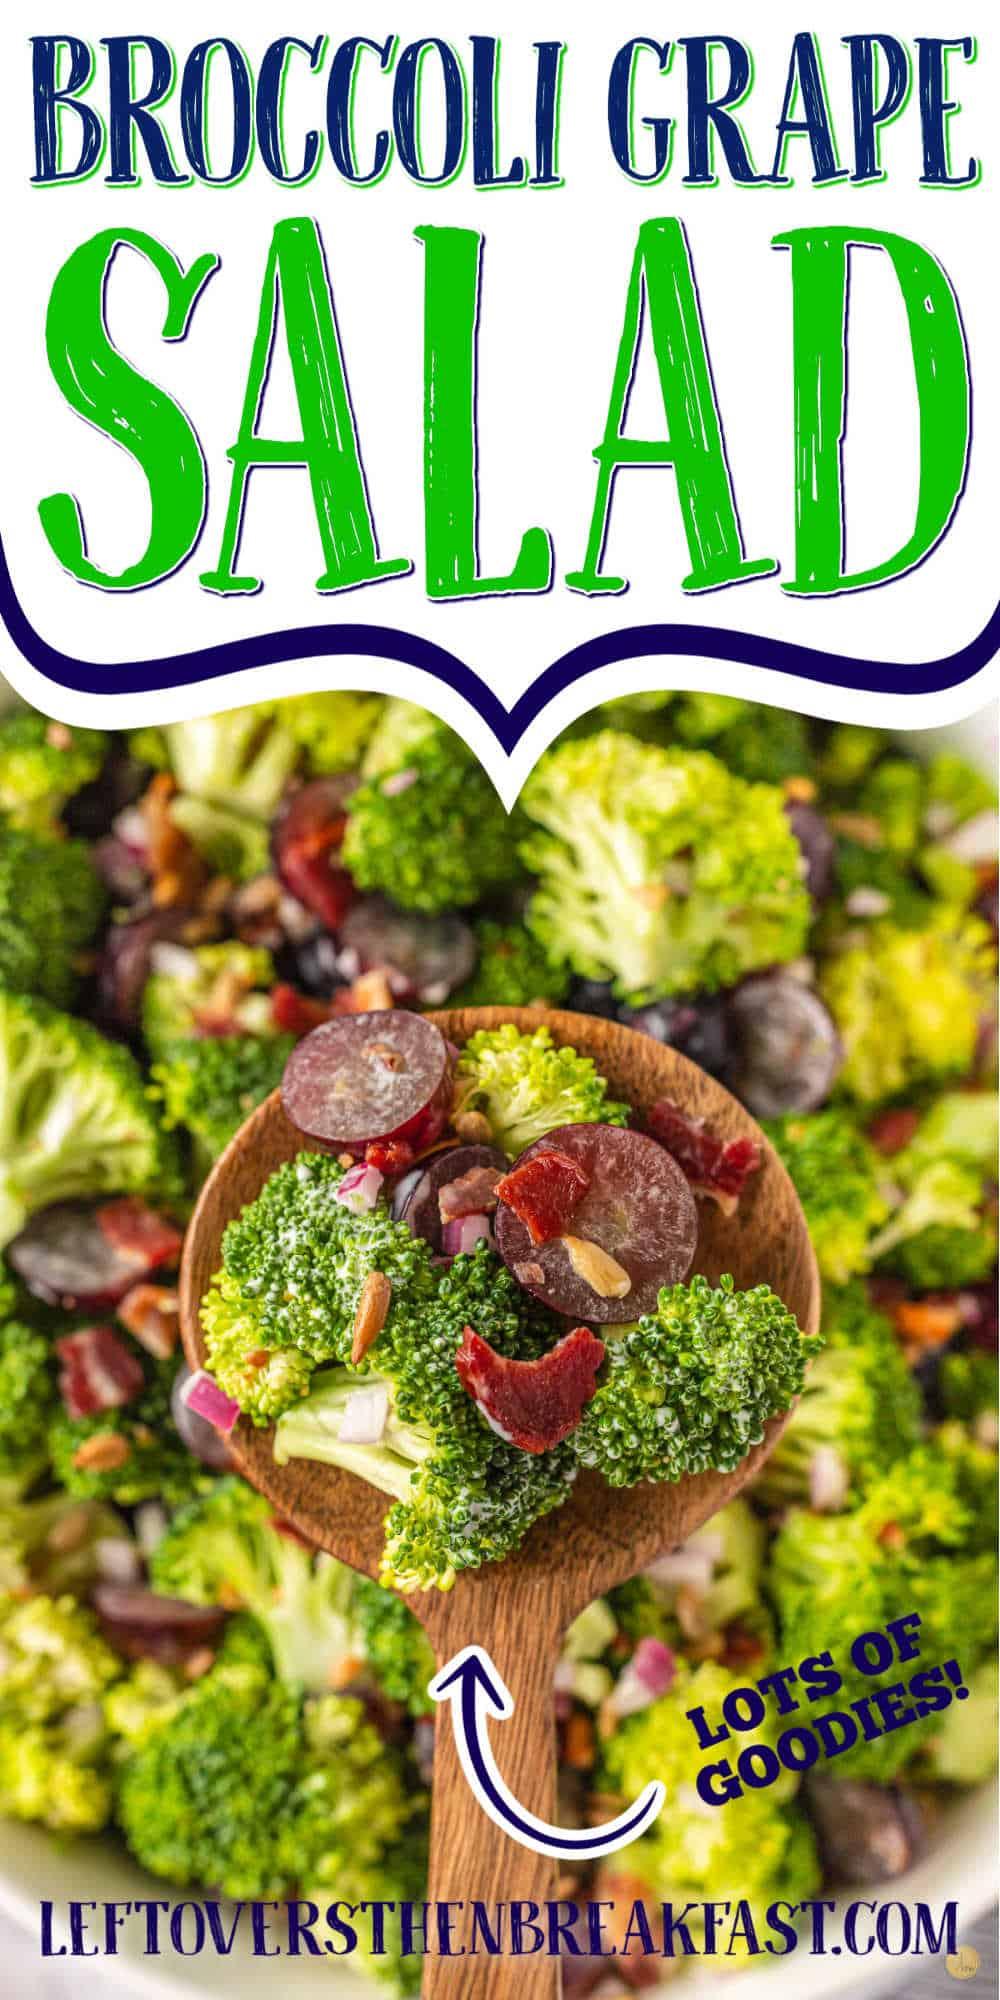 """wood spoon with broccoli and text """"broccoli grape salad"""""""